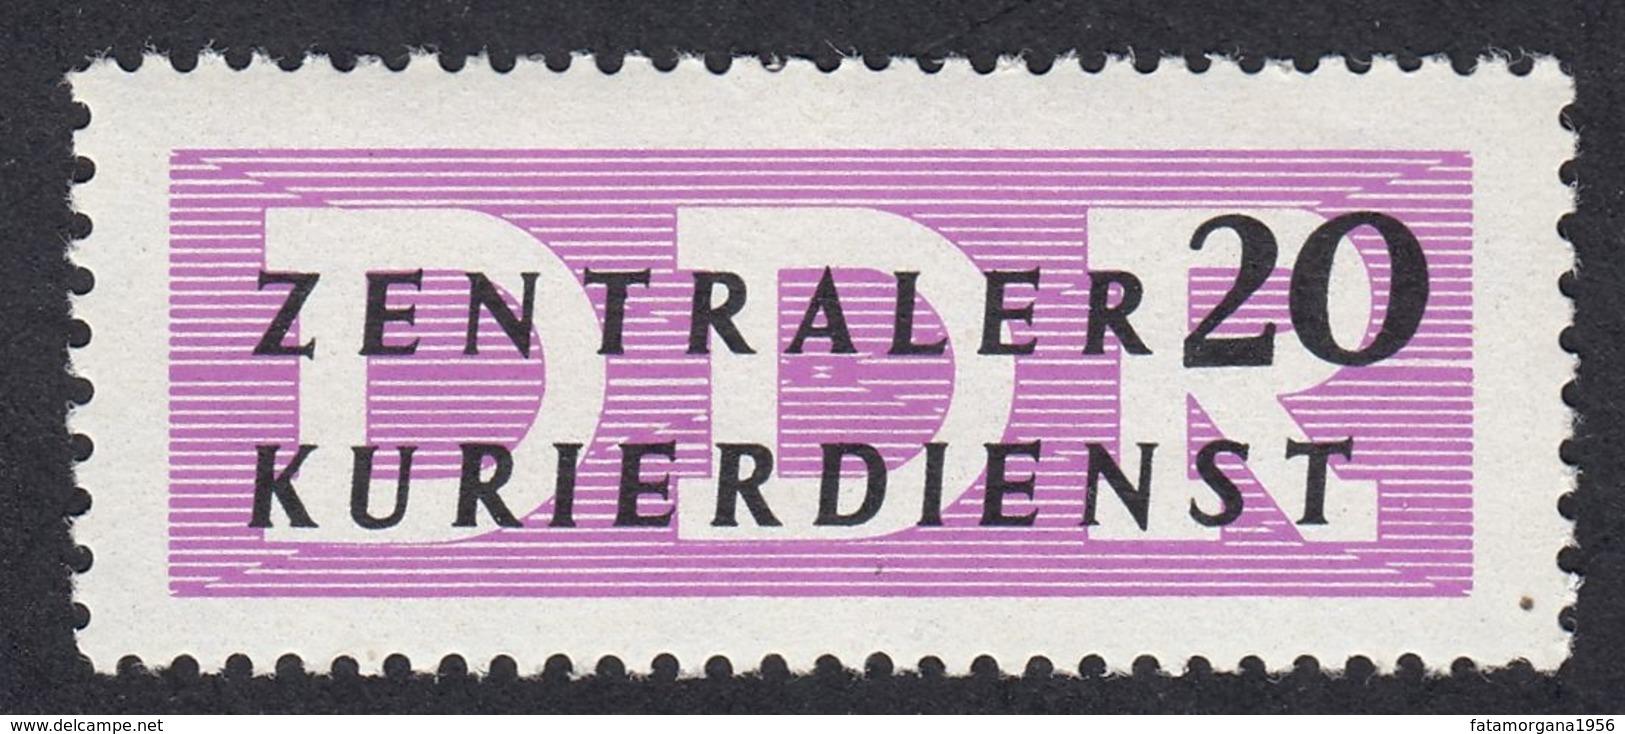 GERMANIA DDR - 1956 - SERVIZIO - Yvert 40 Nuovo MNH, 20 P., Lilla, Testo E Valori In Nero Su Carta Bianca. - DDR